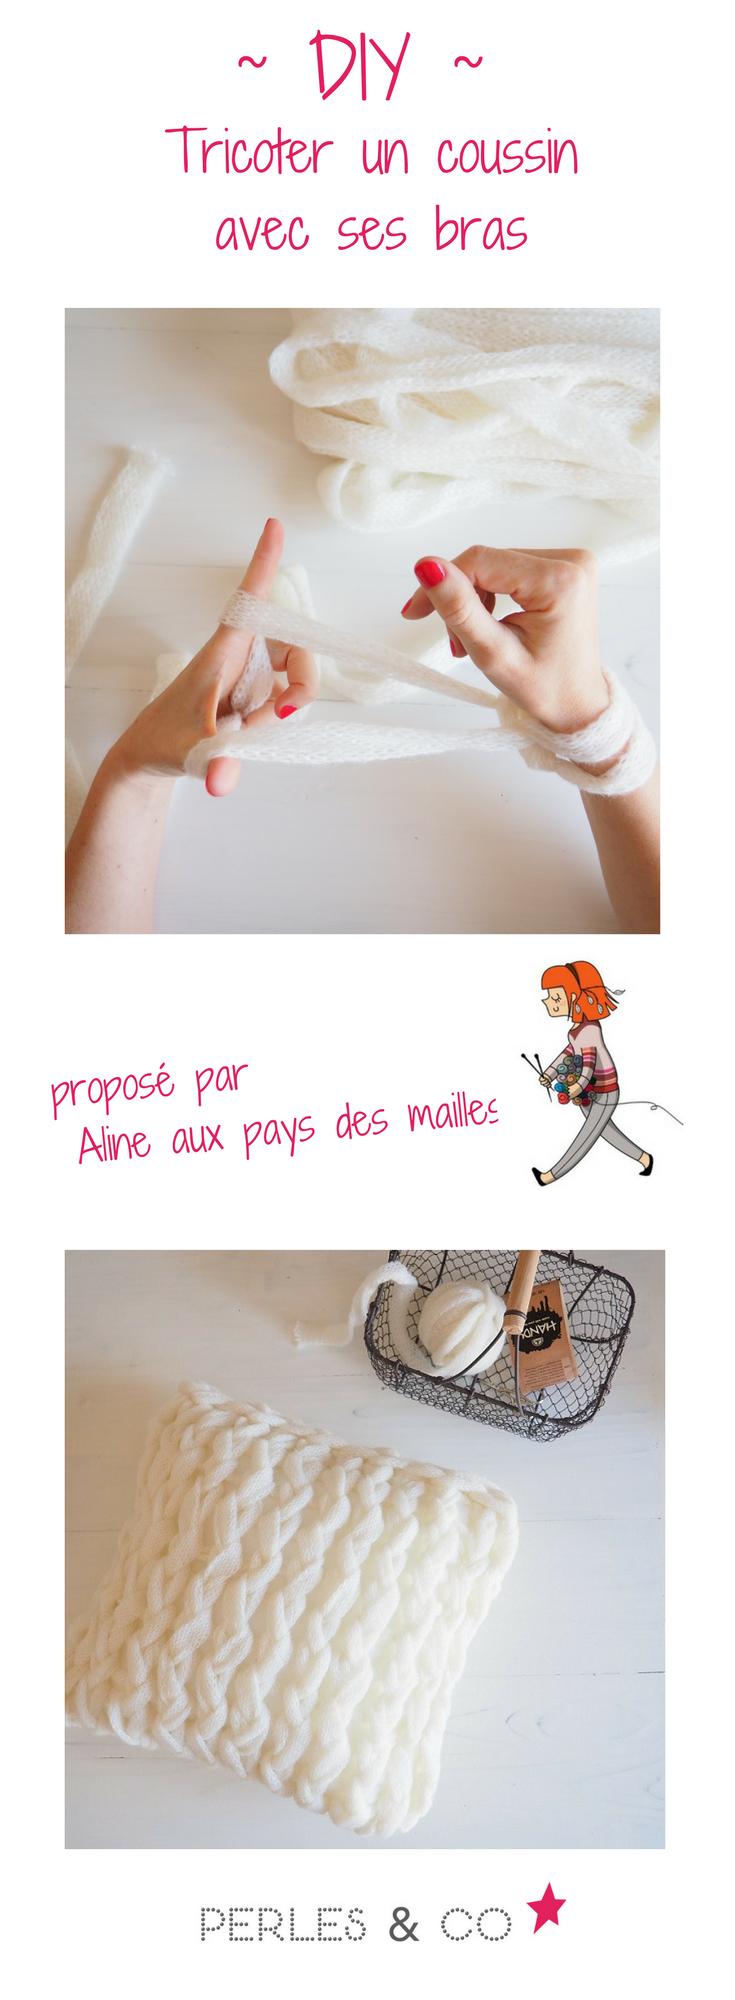 Connaissez-vous le arm knitting? Il s'agit de l'art de tricoter avec les bras ! Aline du blog Aline aux pays des mailles, nous propose un tutoriel réaliser un coussin avec la laine Handy de DMC. >> www.perlesandco.c... #Coussin #DMC #handy #laine